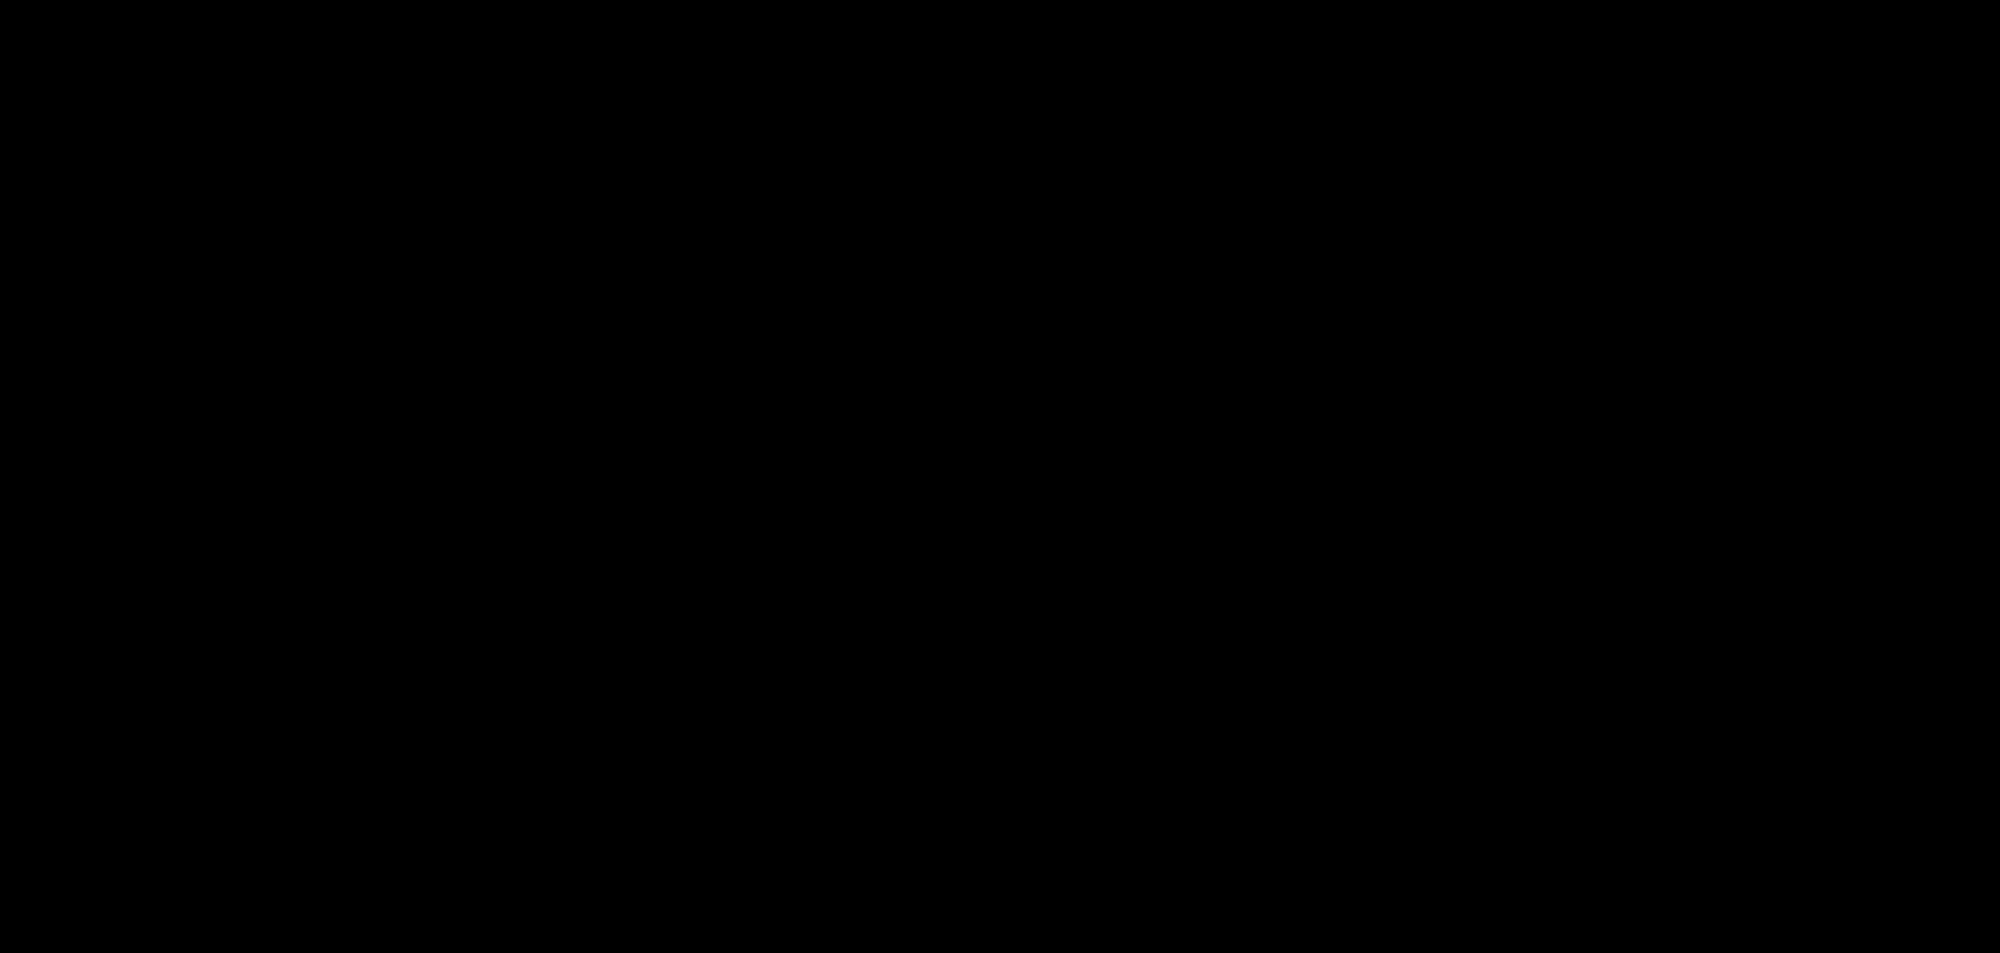 e2d8ad67-af81-4552-8e74-337762dfe913.png